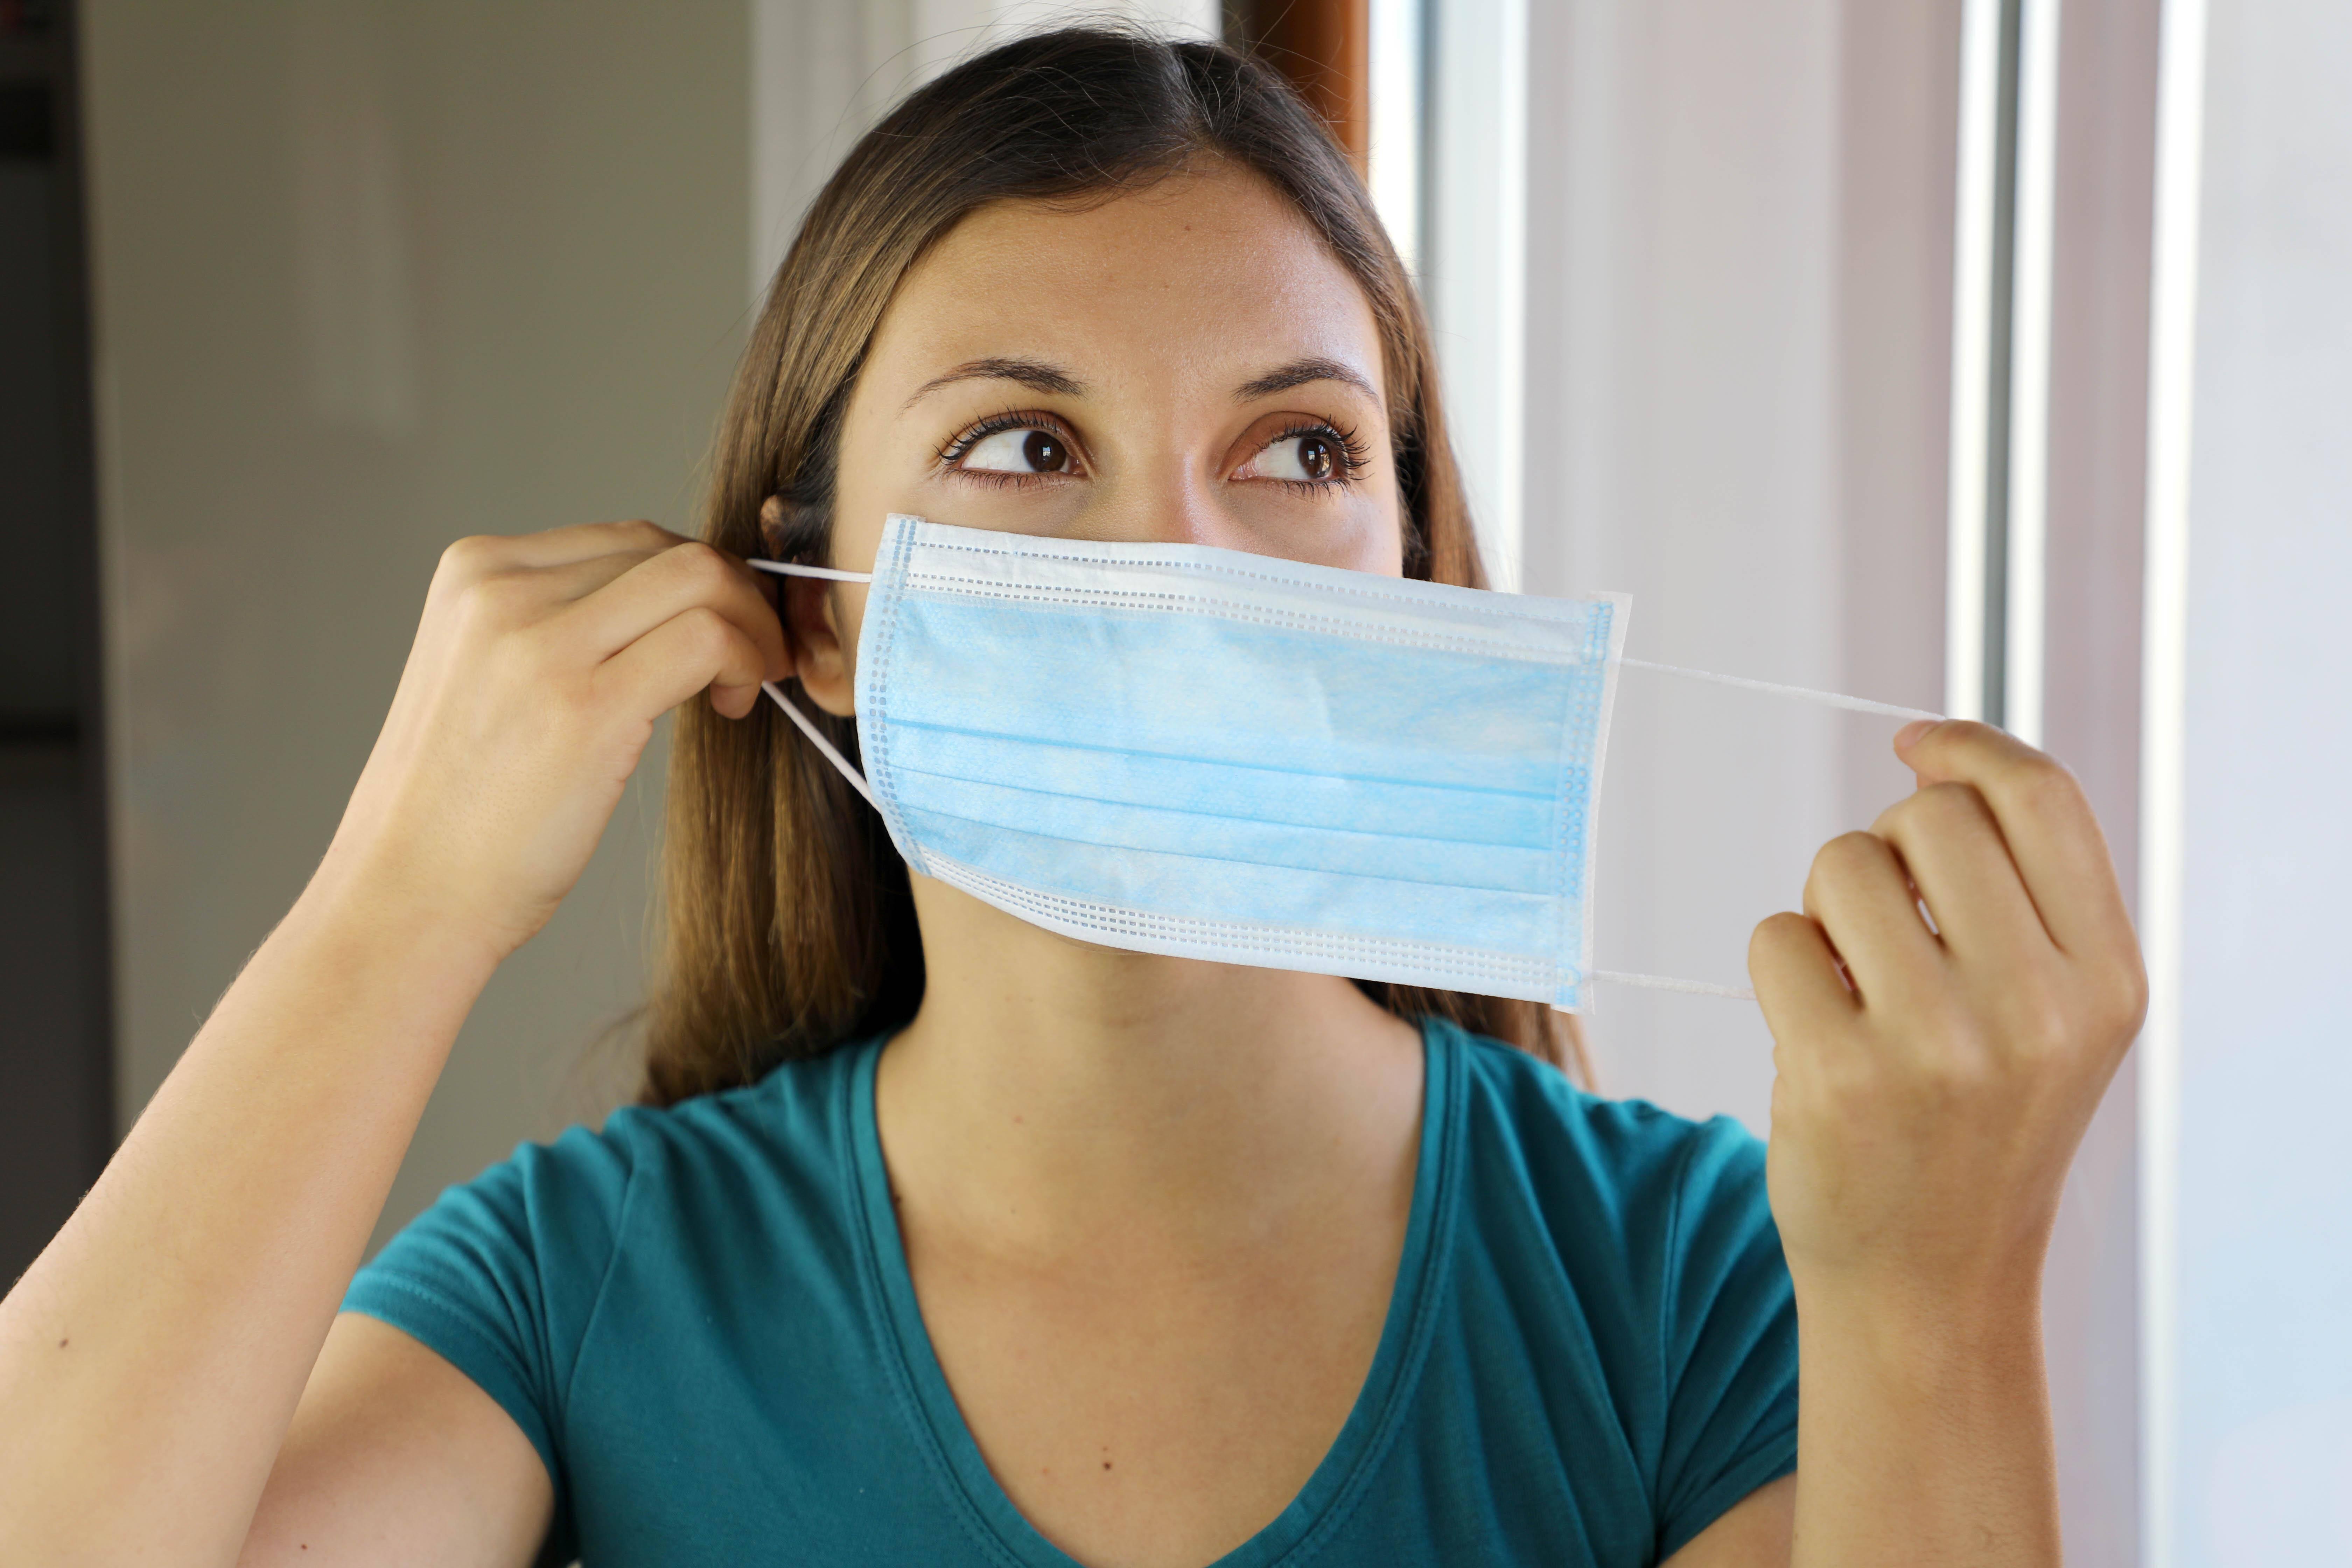 Treten bei Ihnen Pickel wegen der Maske auf, ist es wichtig, auf eine sorgfältige Hygiene zu achten.